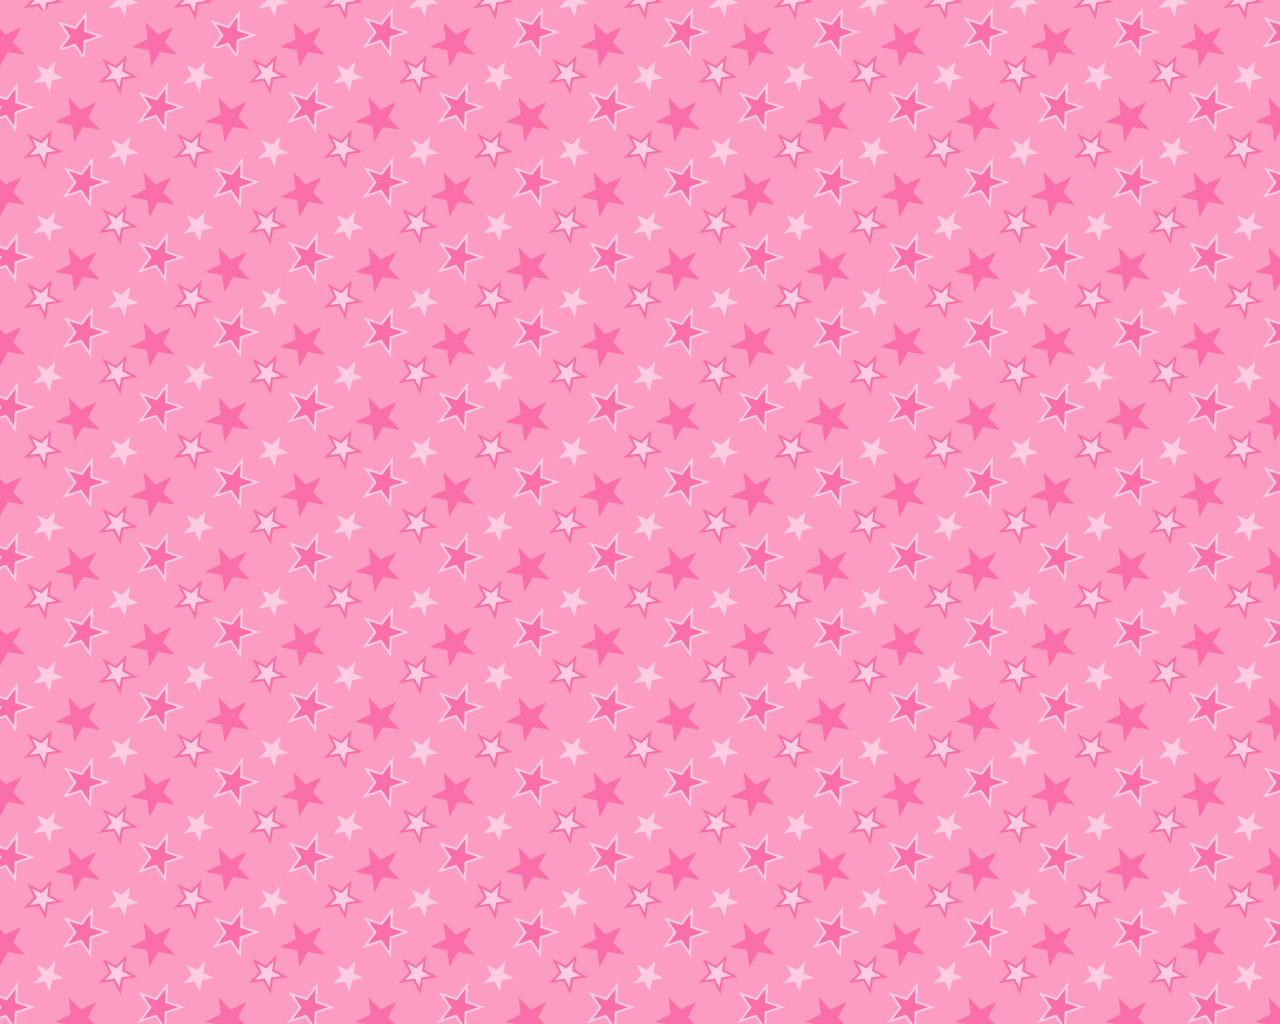 Glitter Wallpaper Hd Sterren Achtergronden Hd Wallpapers